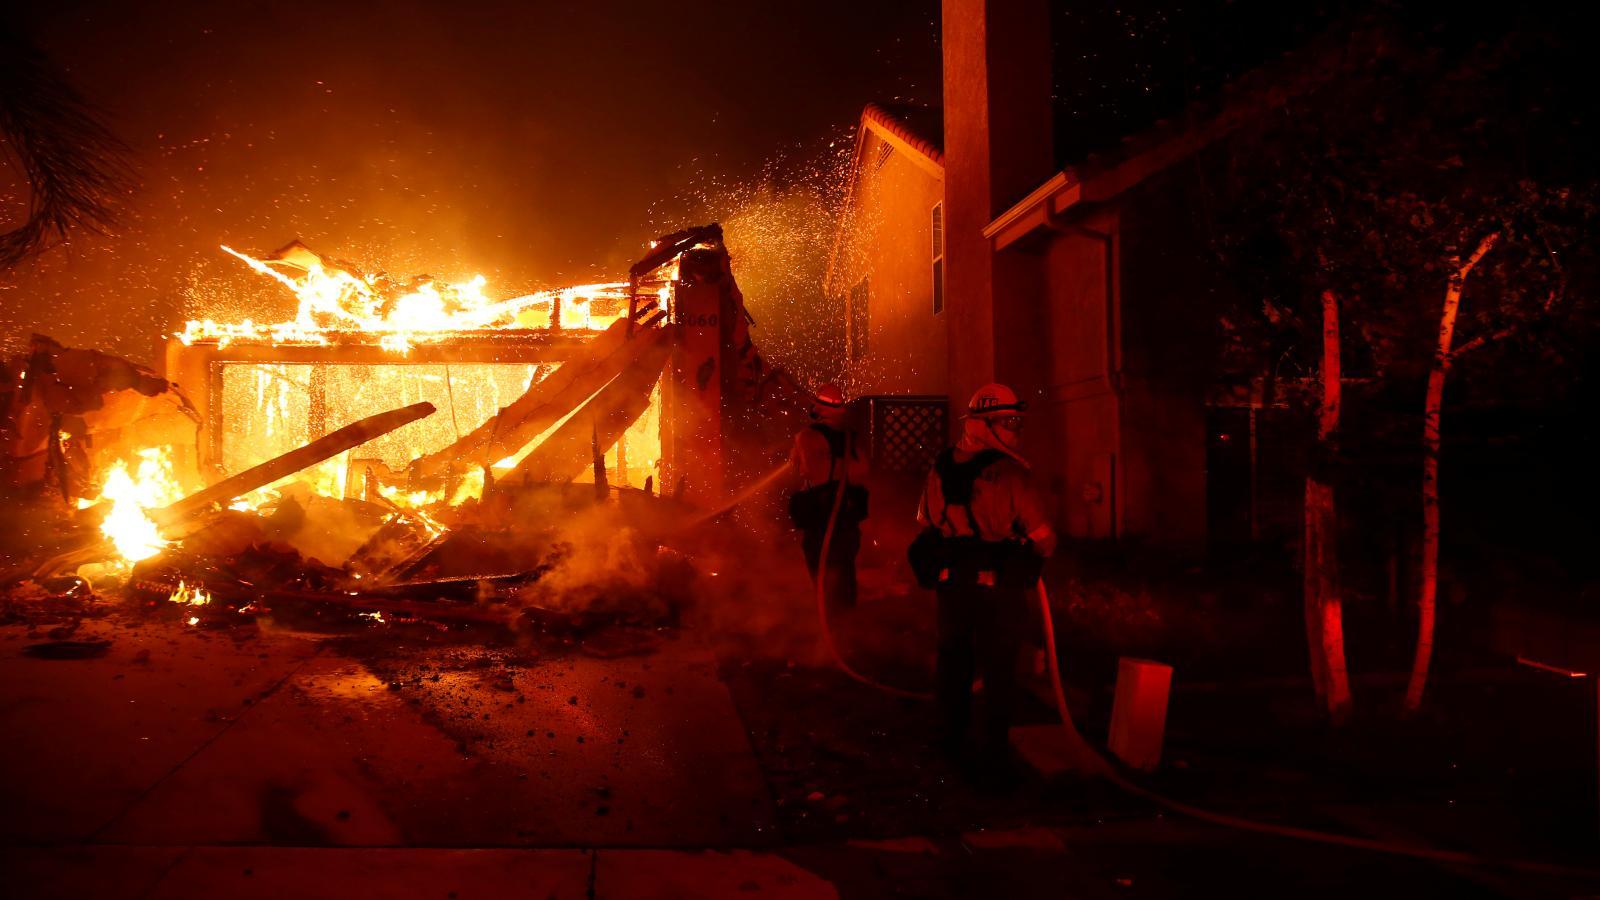 Rozsáhlé požáry postupují Kalifornií